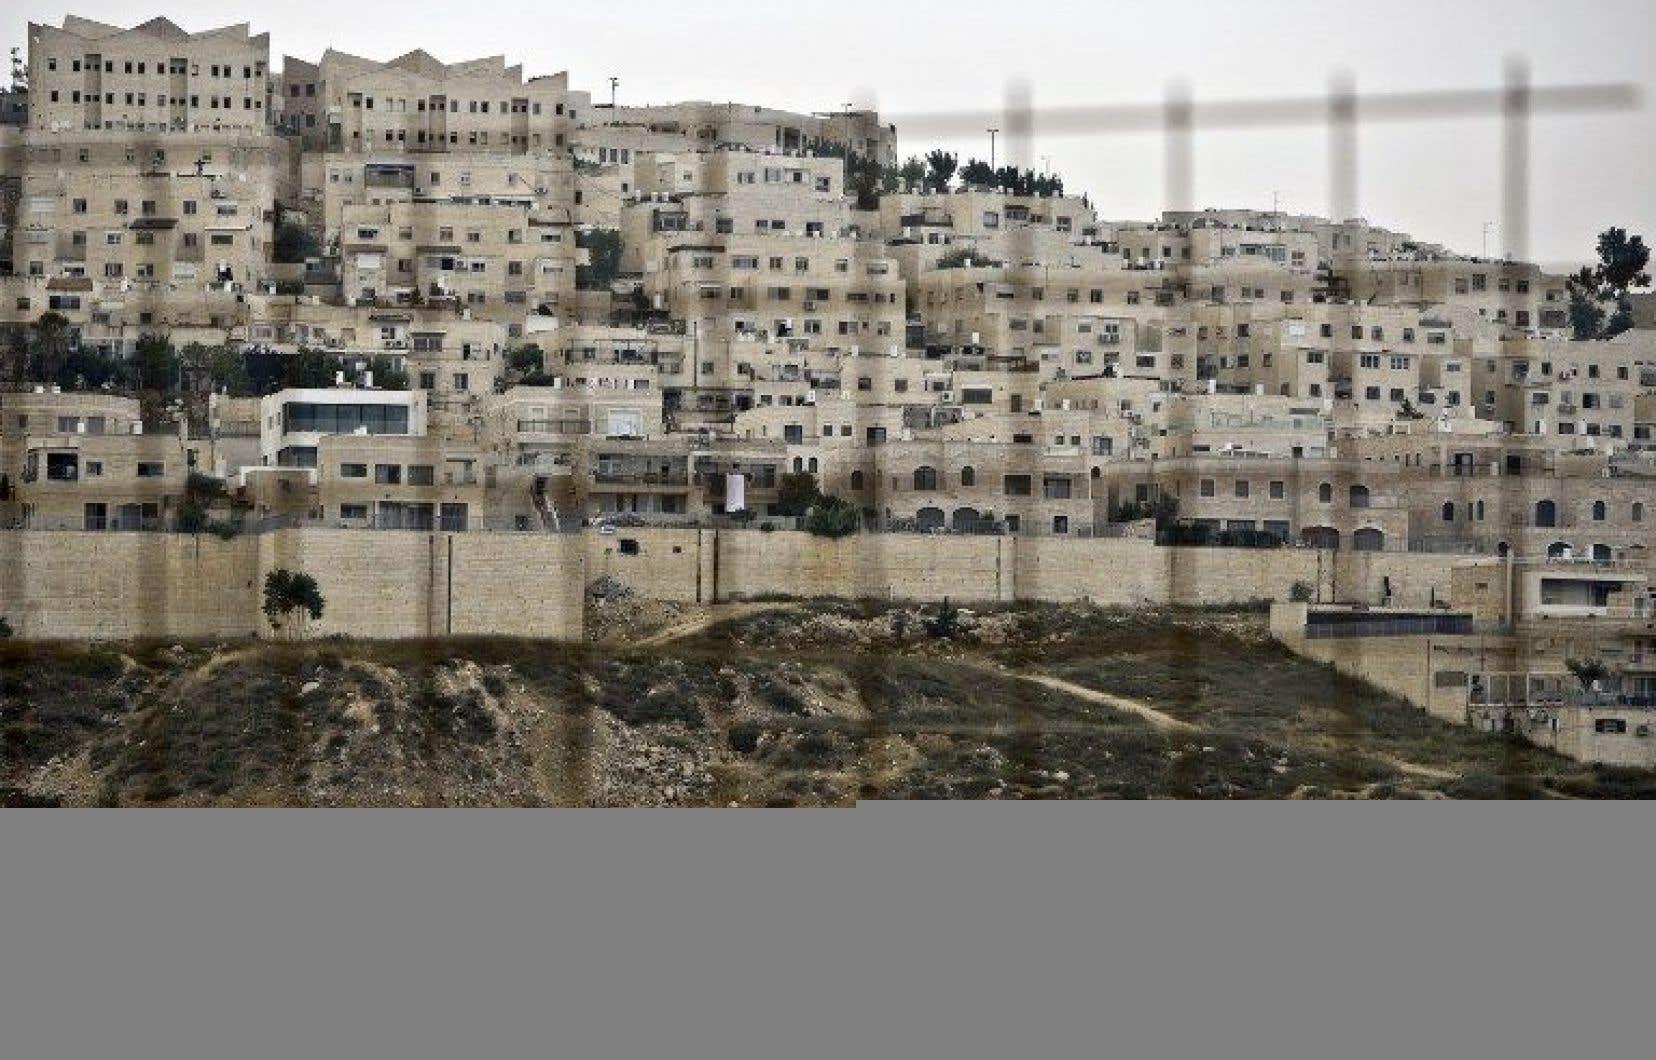 La loi permet à l'État de déclarer terres israéliennes des terrains privés palestiniens sur lesquels des Israéliens ont construit sans autorisation en Cisjordanie occupée.